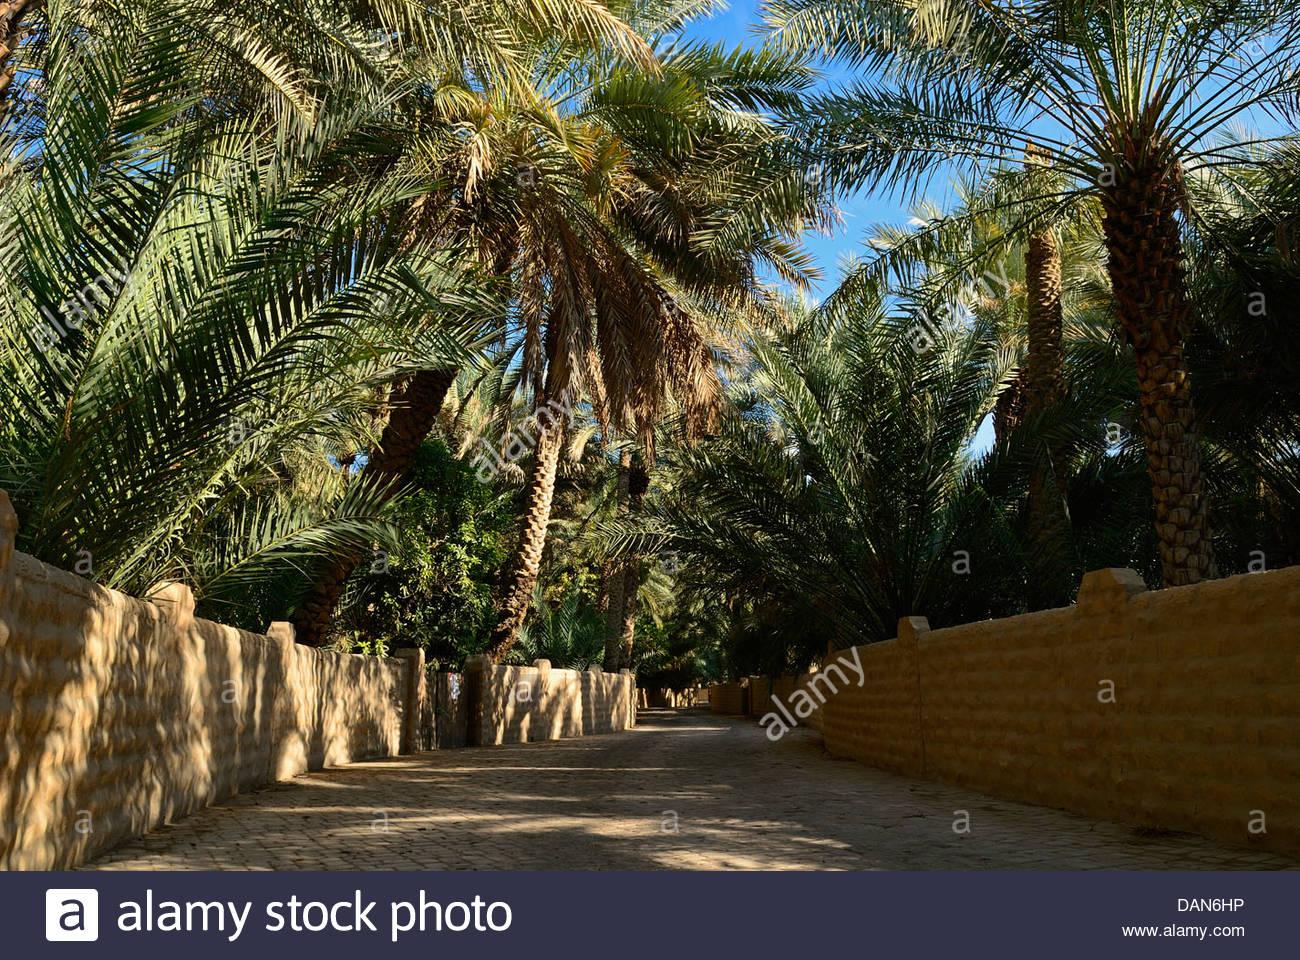 Palm Garden In Al Ain Stock Photos & Palm Garden In Al Ain Stock ...